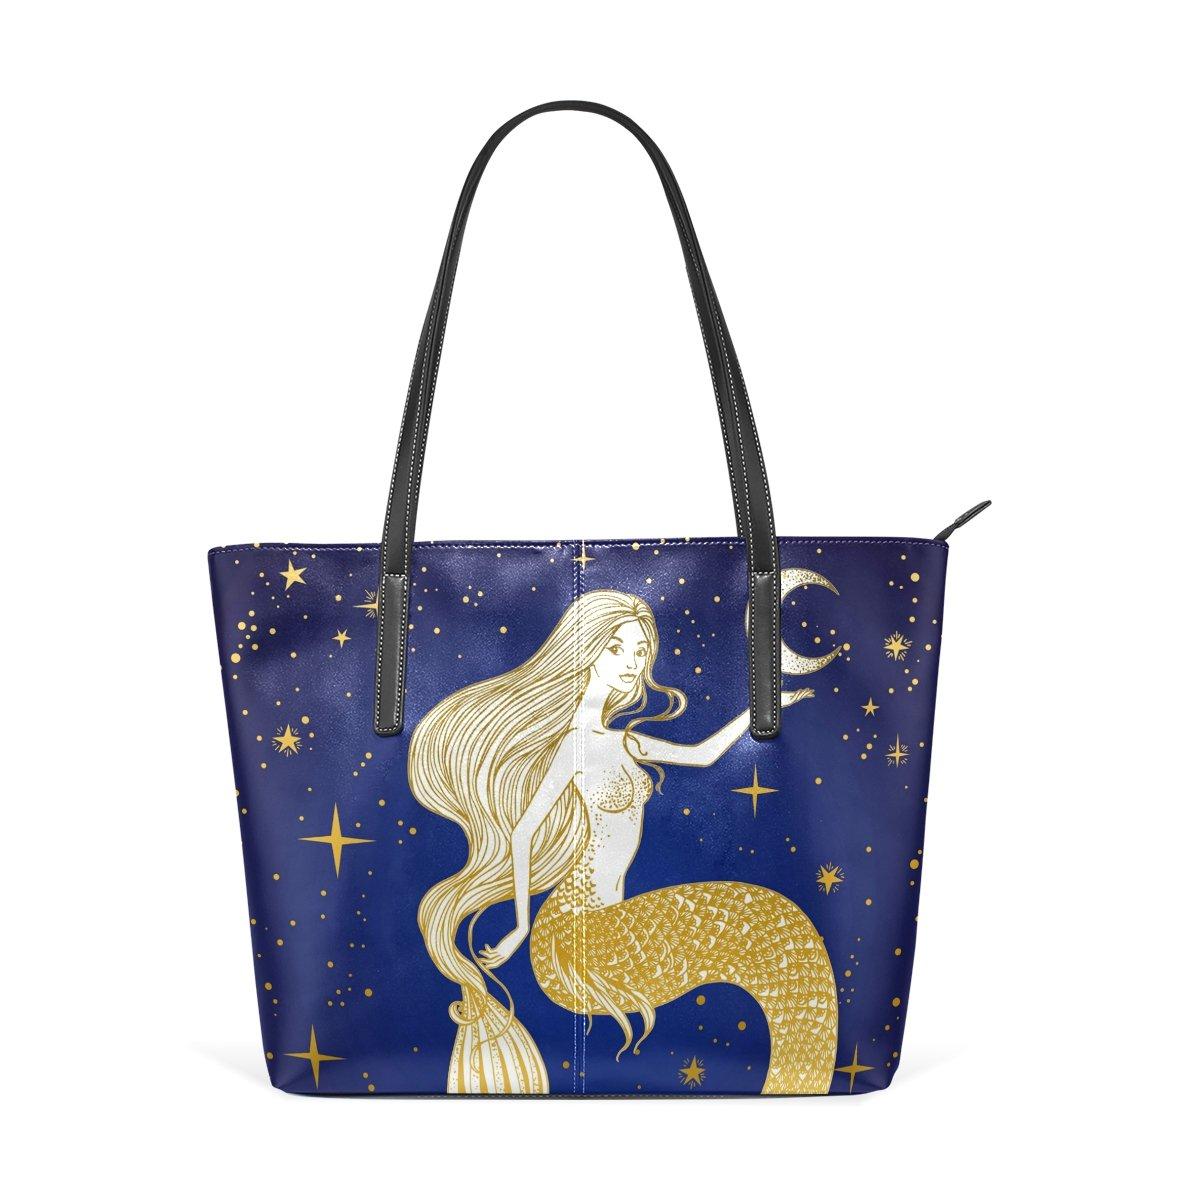 0f41bf472b Sacs COOSUN Belle sirène avec la Lune dans Son Sac bandoulière en Cuir PU  Main et ...